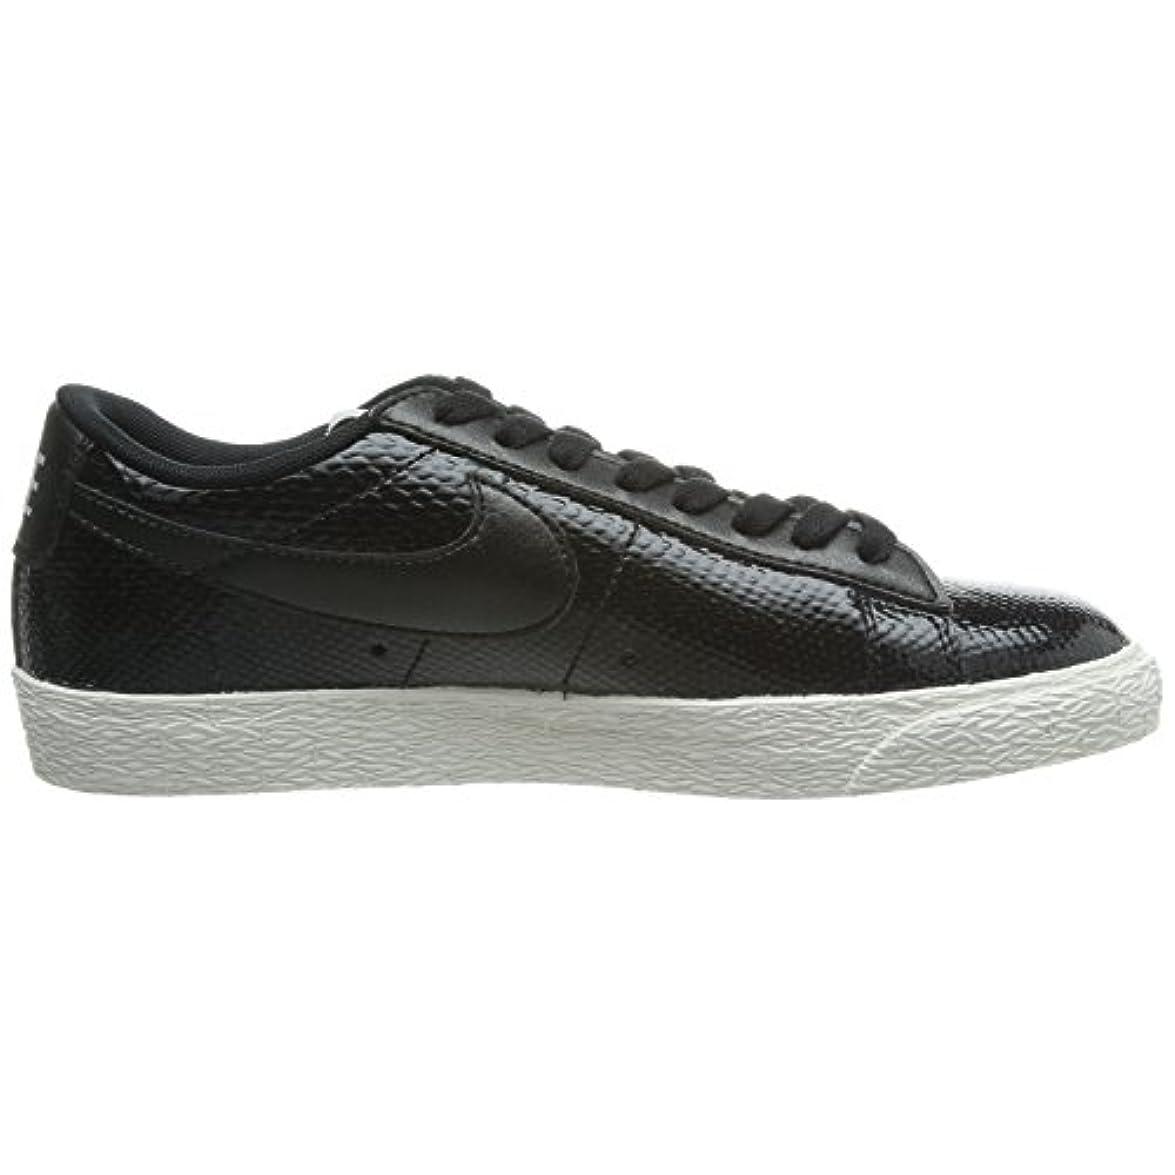 Nike - W Blazer Low Ltr Prm Scarpe Sportive Da Donna